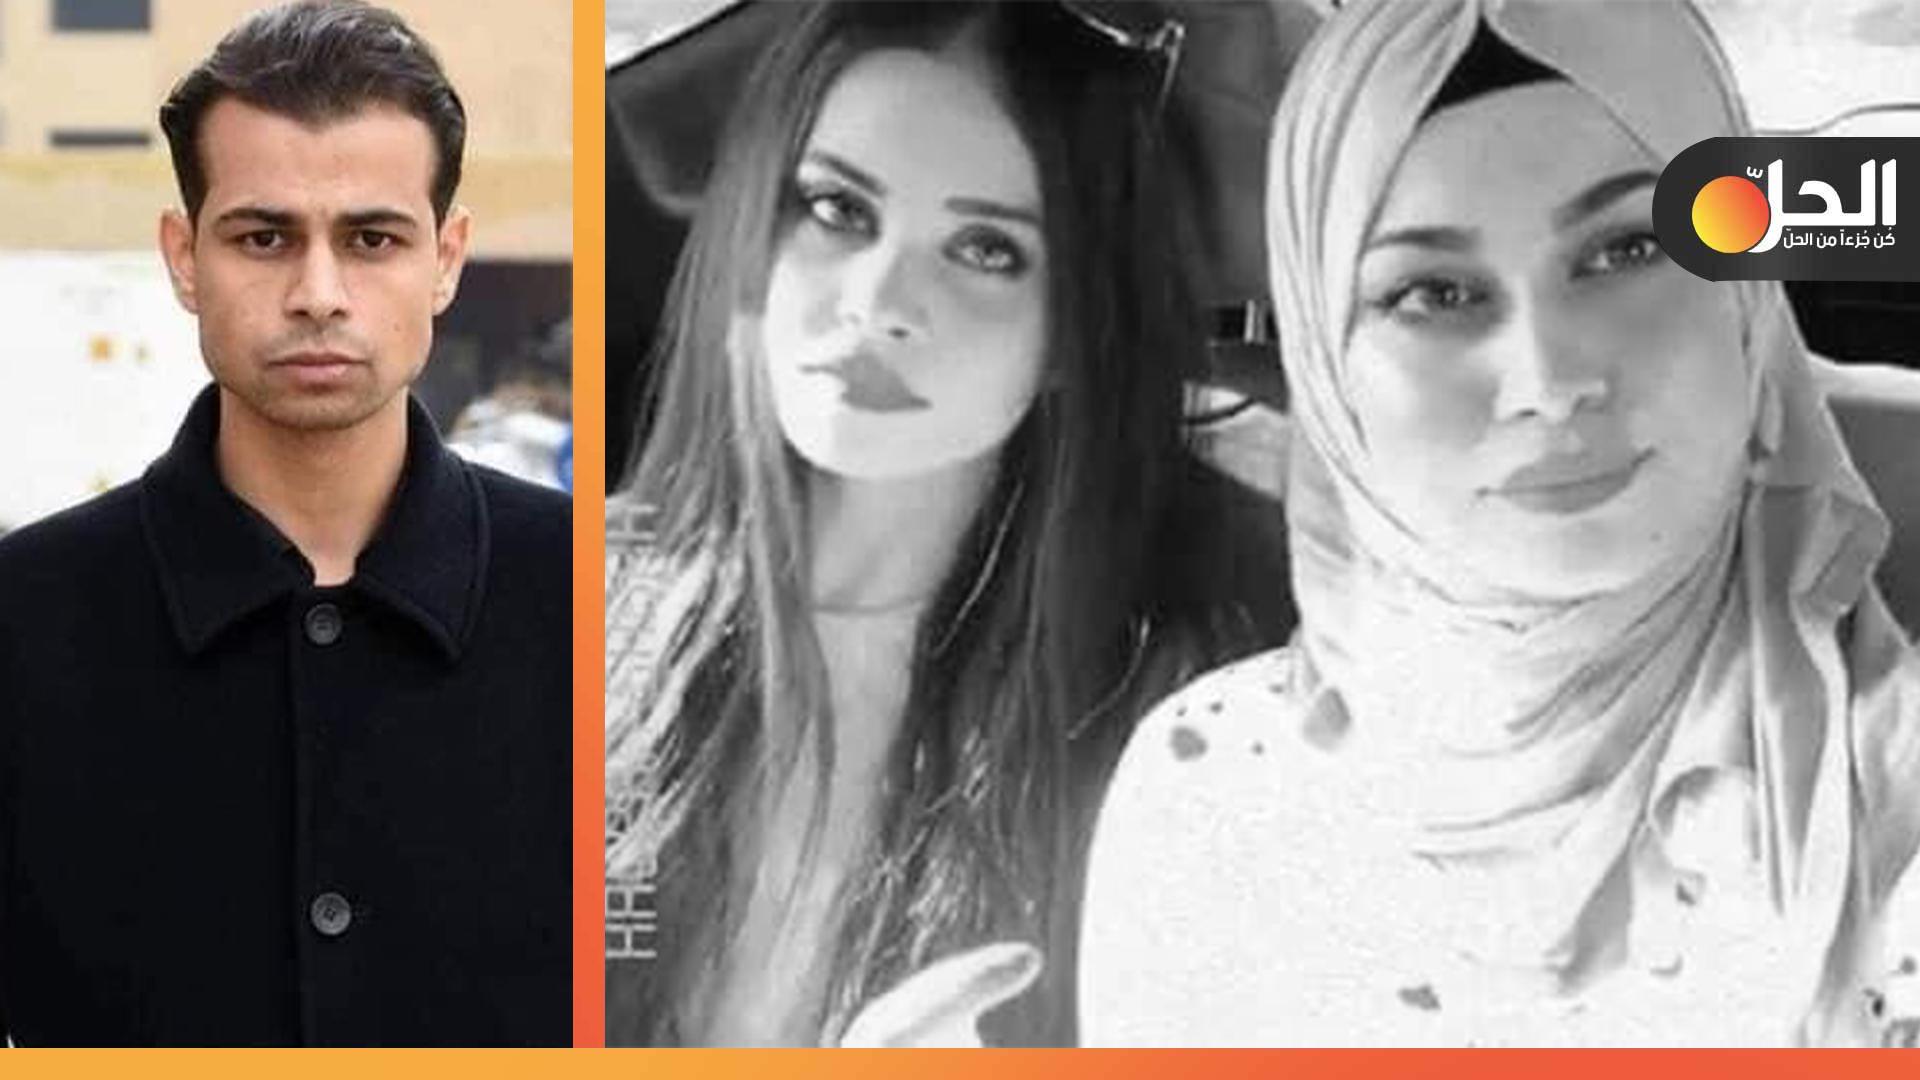 الشرطة العراقية تعتقل قاتل شقيقتيه بالرصاص.. القصة الكاملة للجريمة